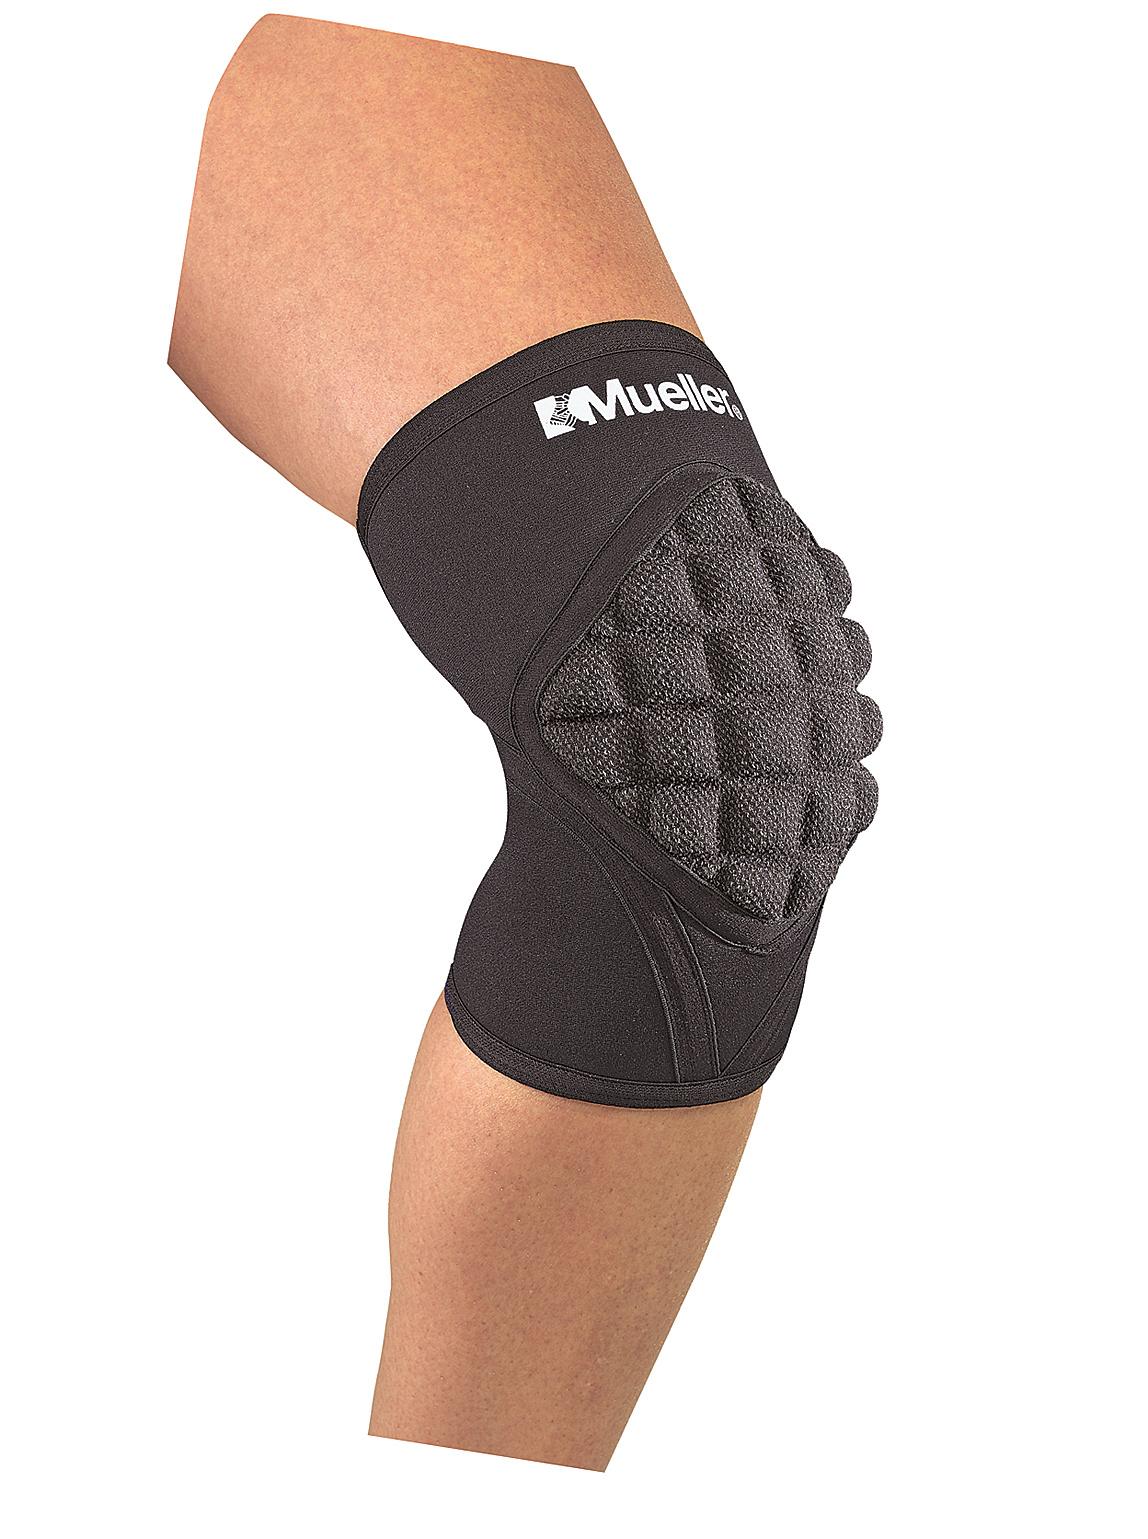 pro-level-knee-pad-w-kevlar-xxl-54535-74676545356-lr.jpg